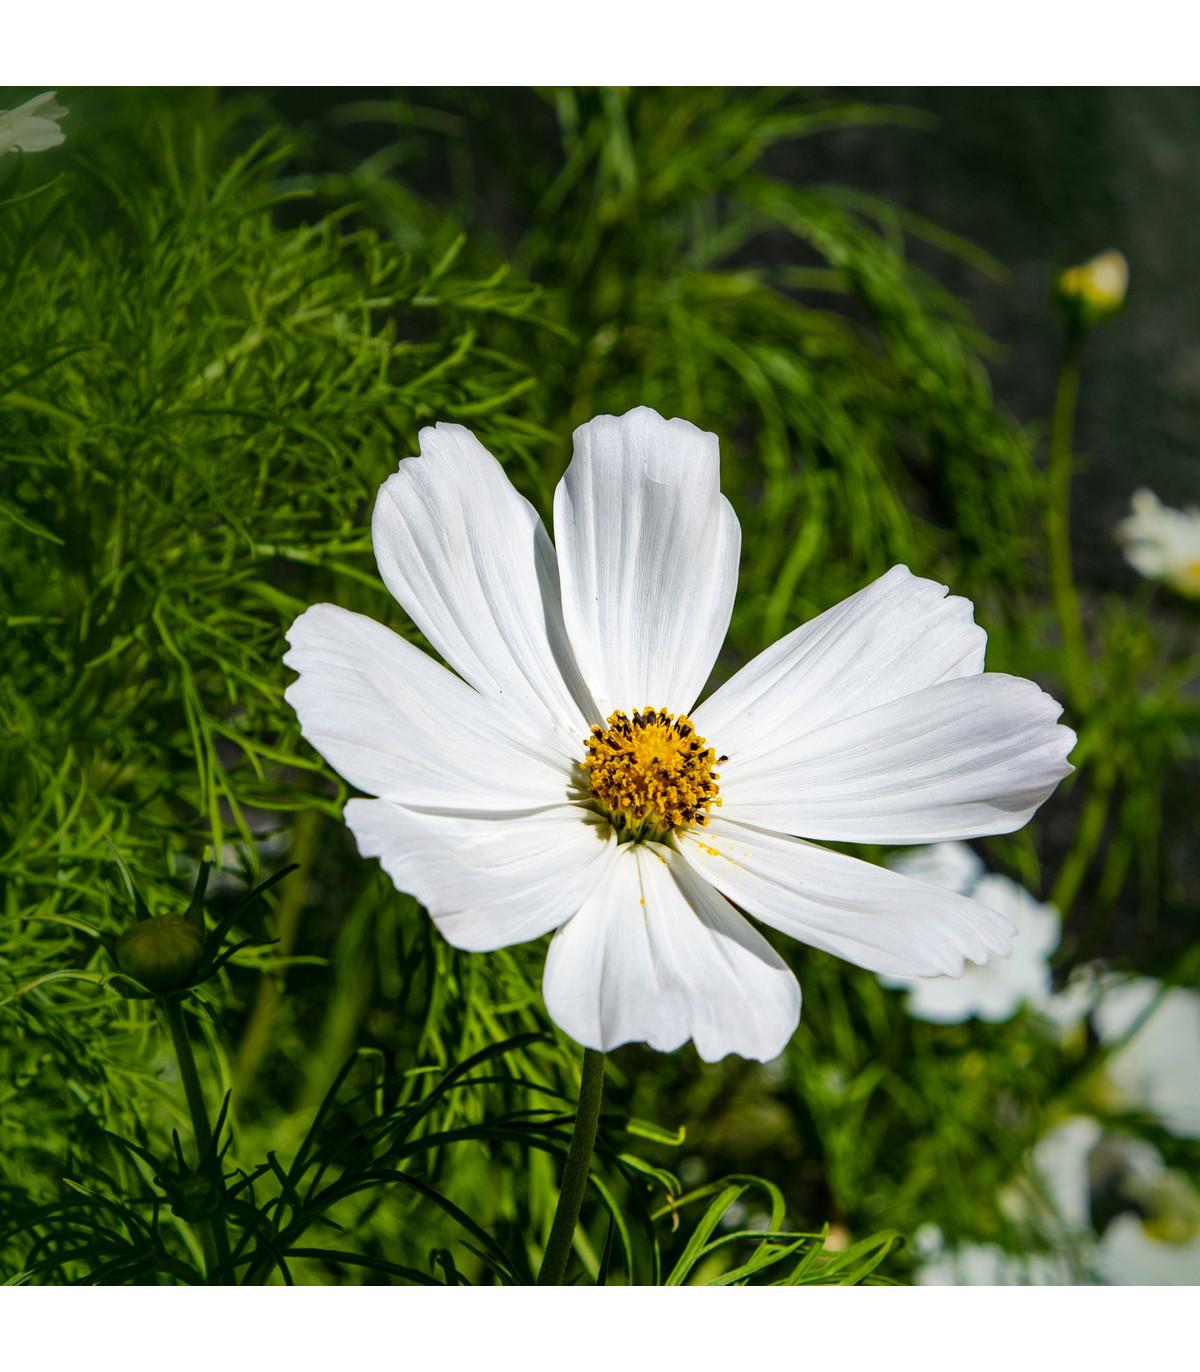 Krásenka zpeřená Bílá senzace - semena Krásenky - Cosmos bipinnatus - 40 ks